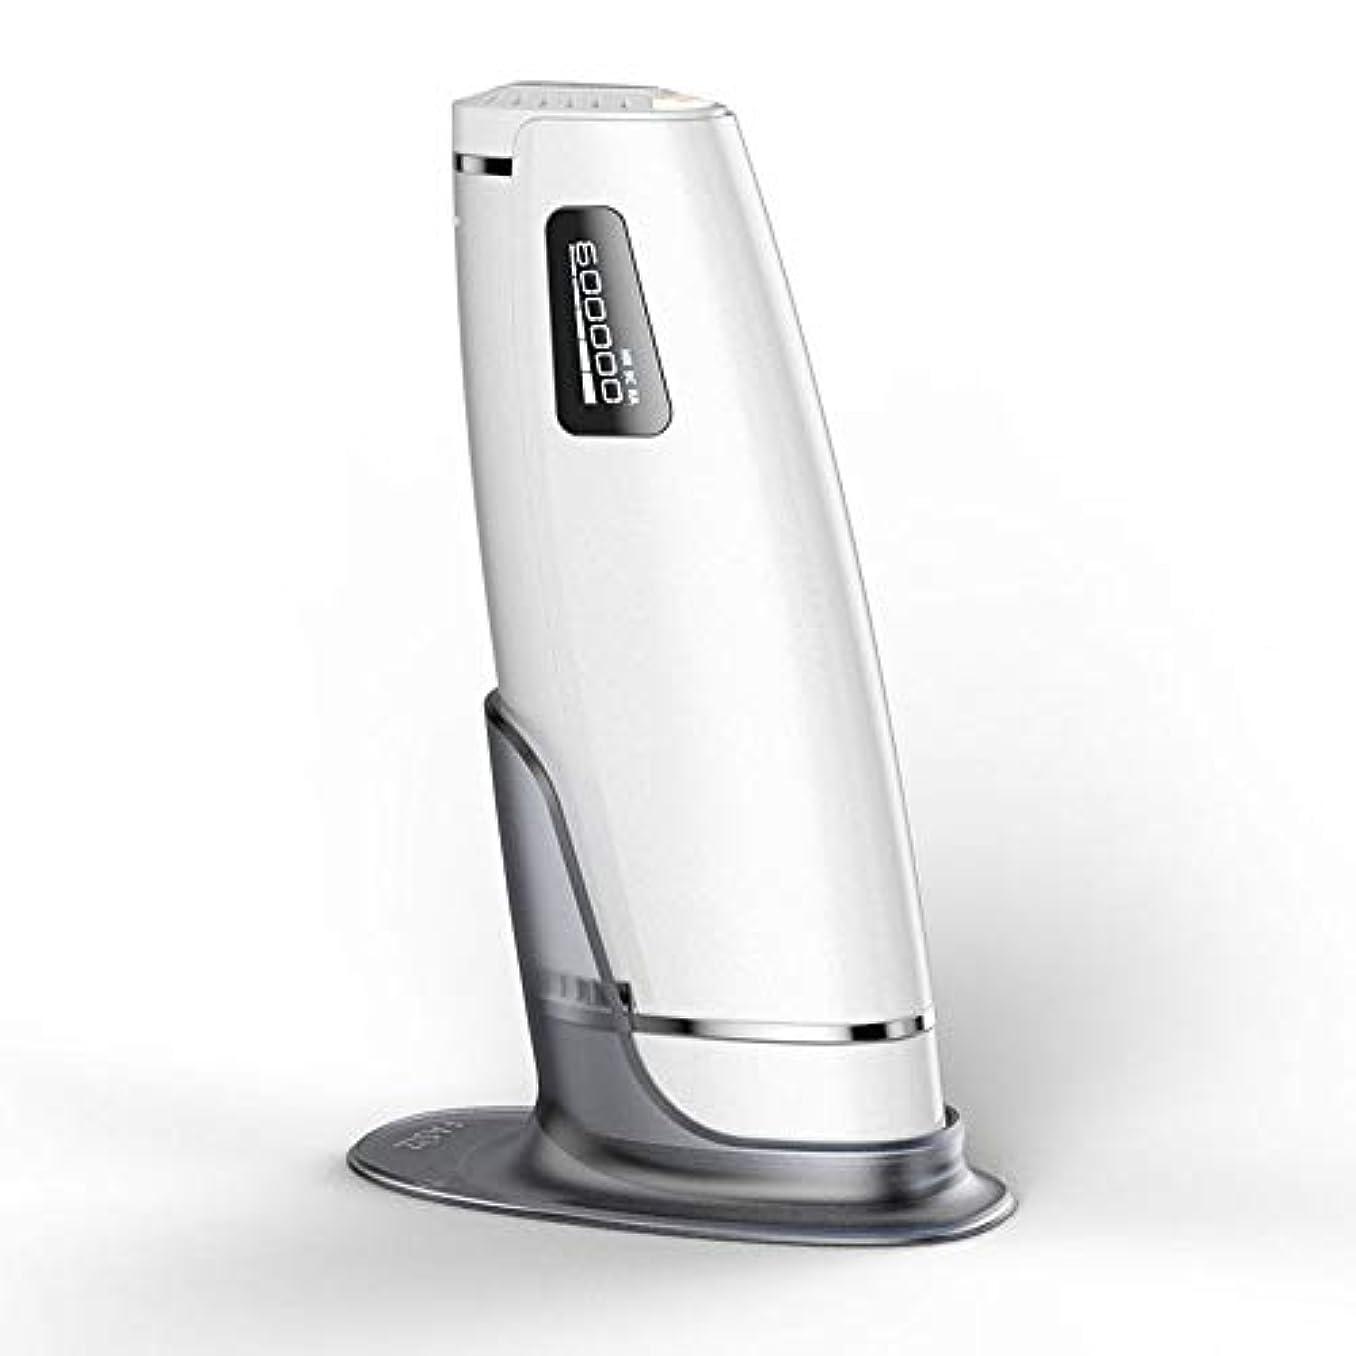 柔らかさグラフィック隙間家庭用自動痛みのない毛の除去剤、白、携帯用永久的な毛の除去剤、二重モード、5つの速度調節、サイズ20.5 X 4.5 X 7 Cm 髪以外はきれい